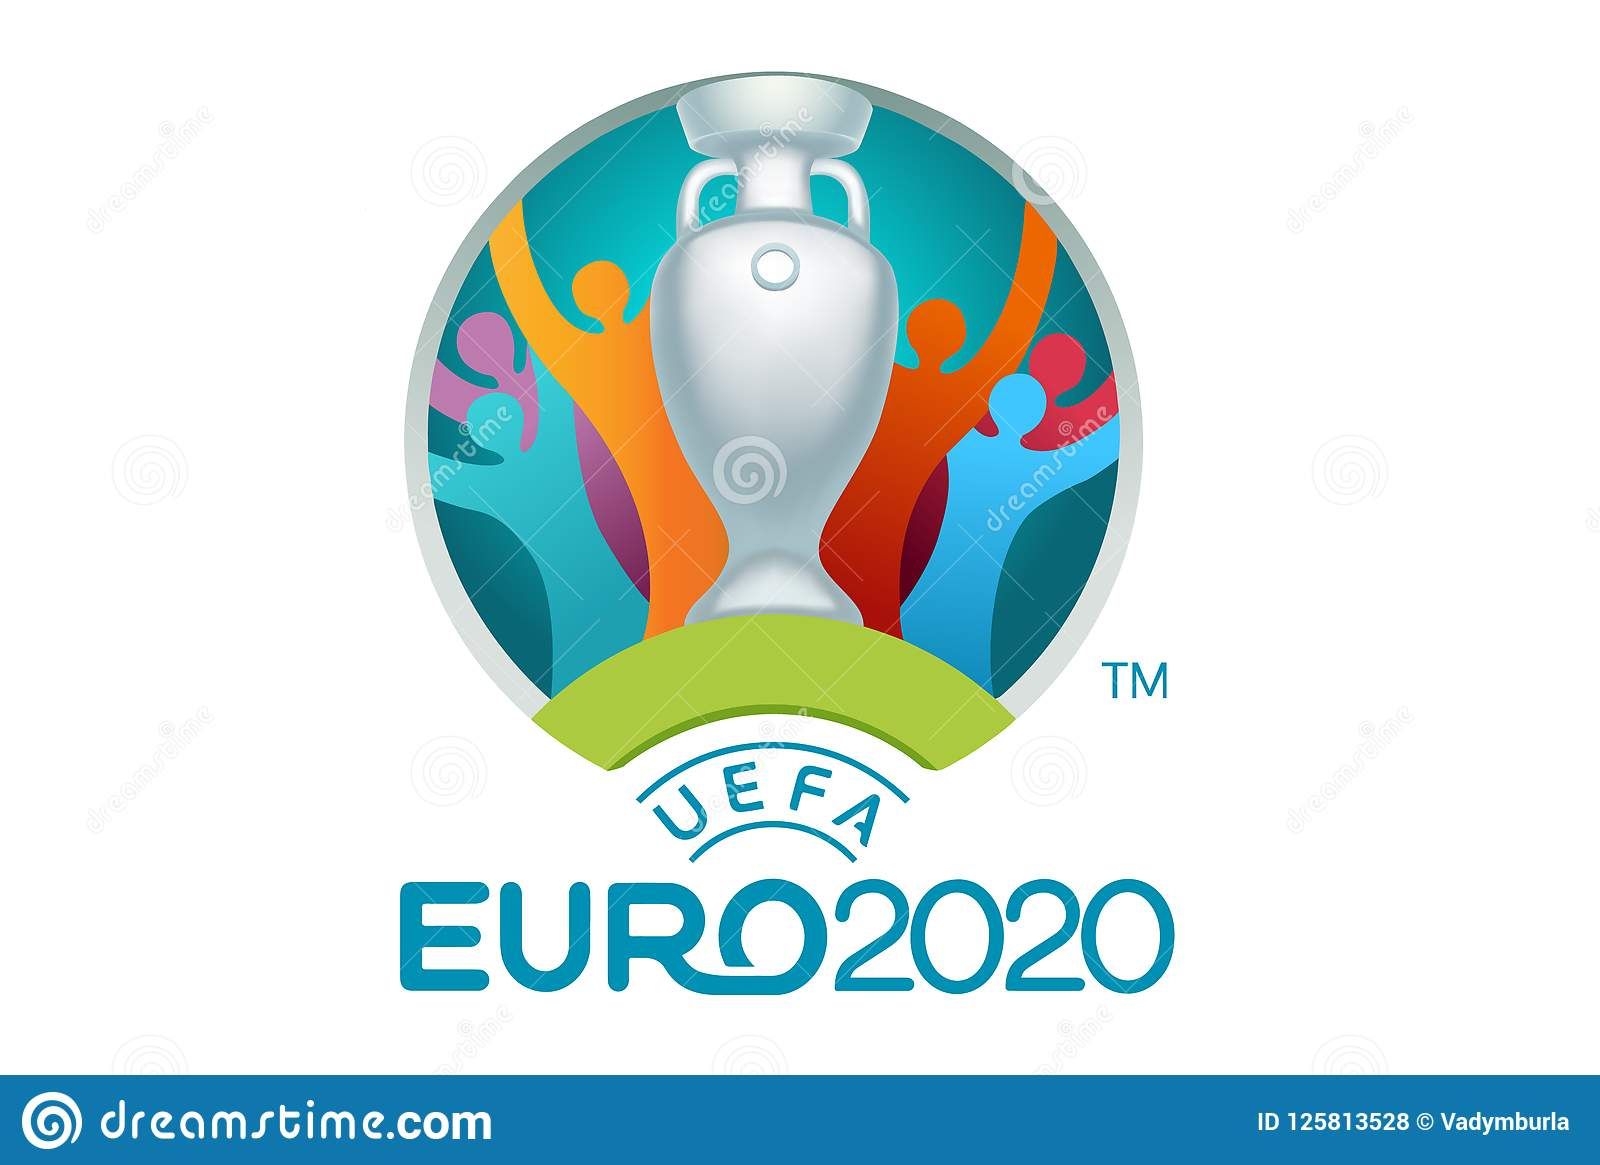 28+ Logo Euro 2020